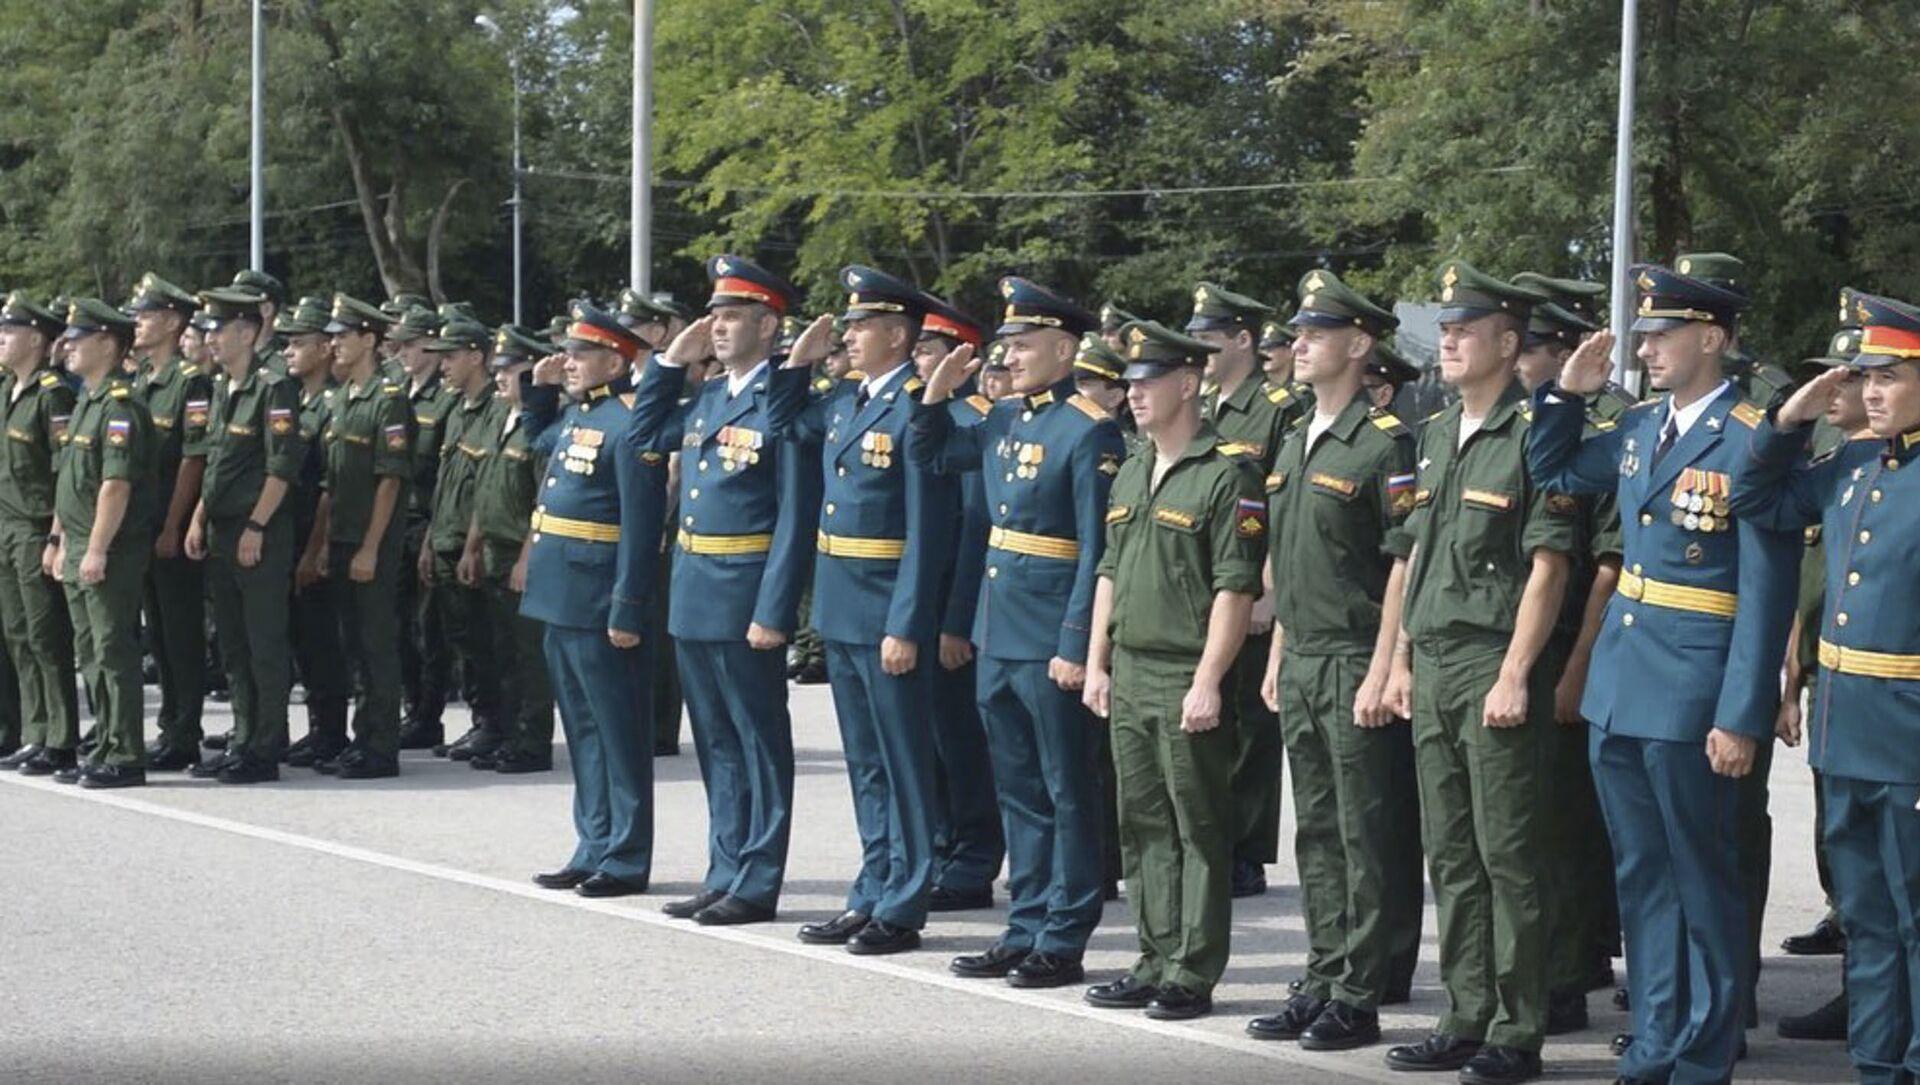 Седьмая военная база Минобороны России в Абхазии отметила 103-ю годовщину - Sputnik Абхазия, 1920, 24.07.2021